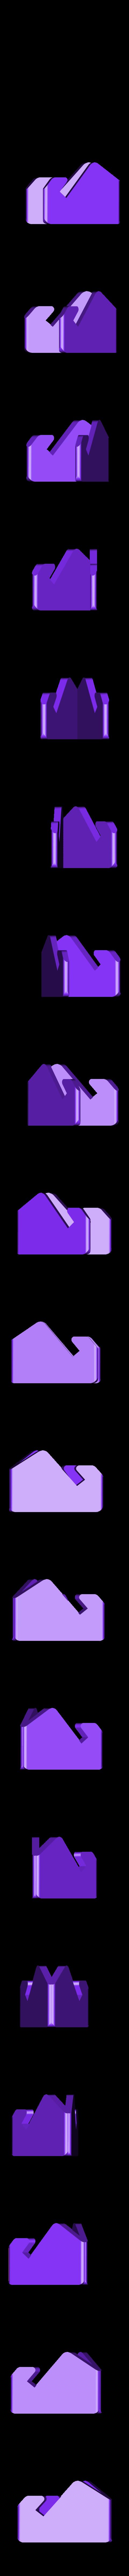 Деталь1.STL Télécharger fichier STL gratuit Сoin support • Design pour impression 3D, vsevastr